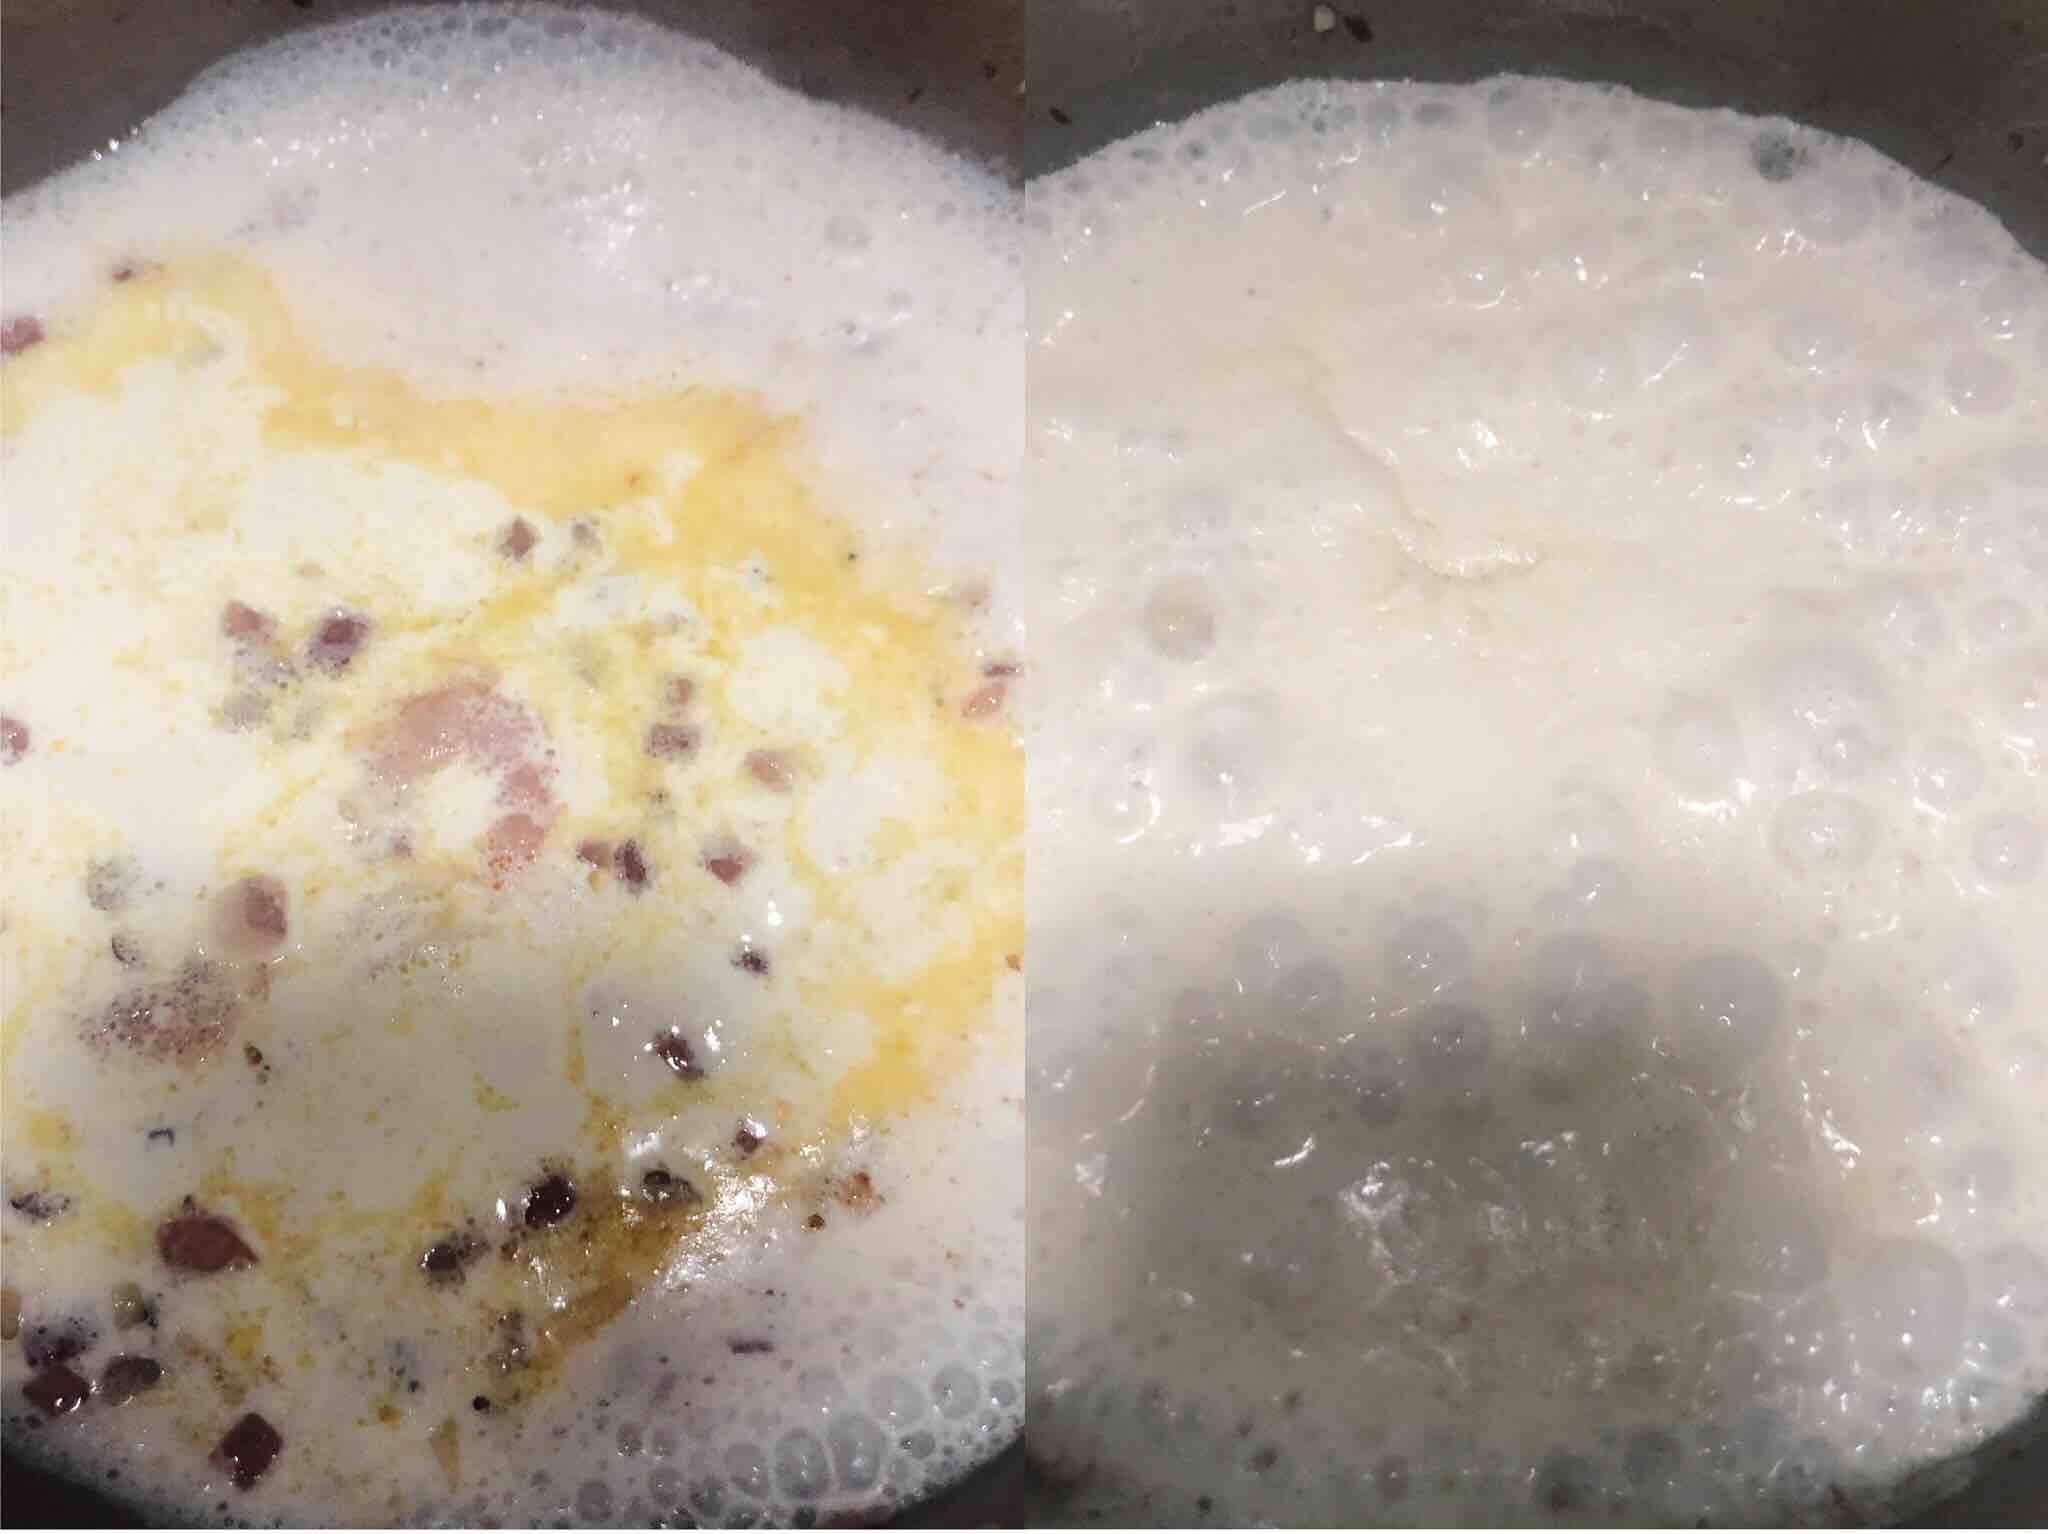 奶油海鲜意大利面怎么吃